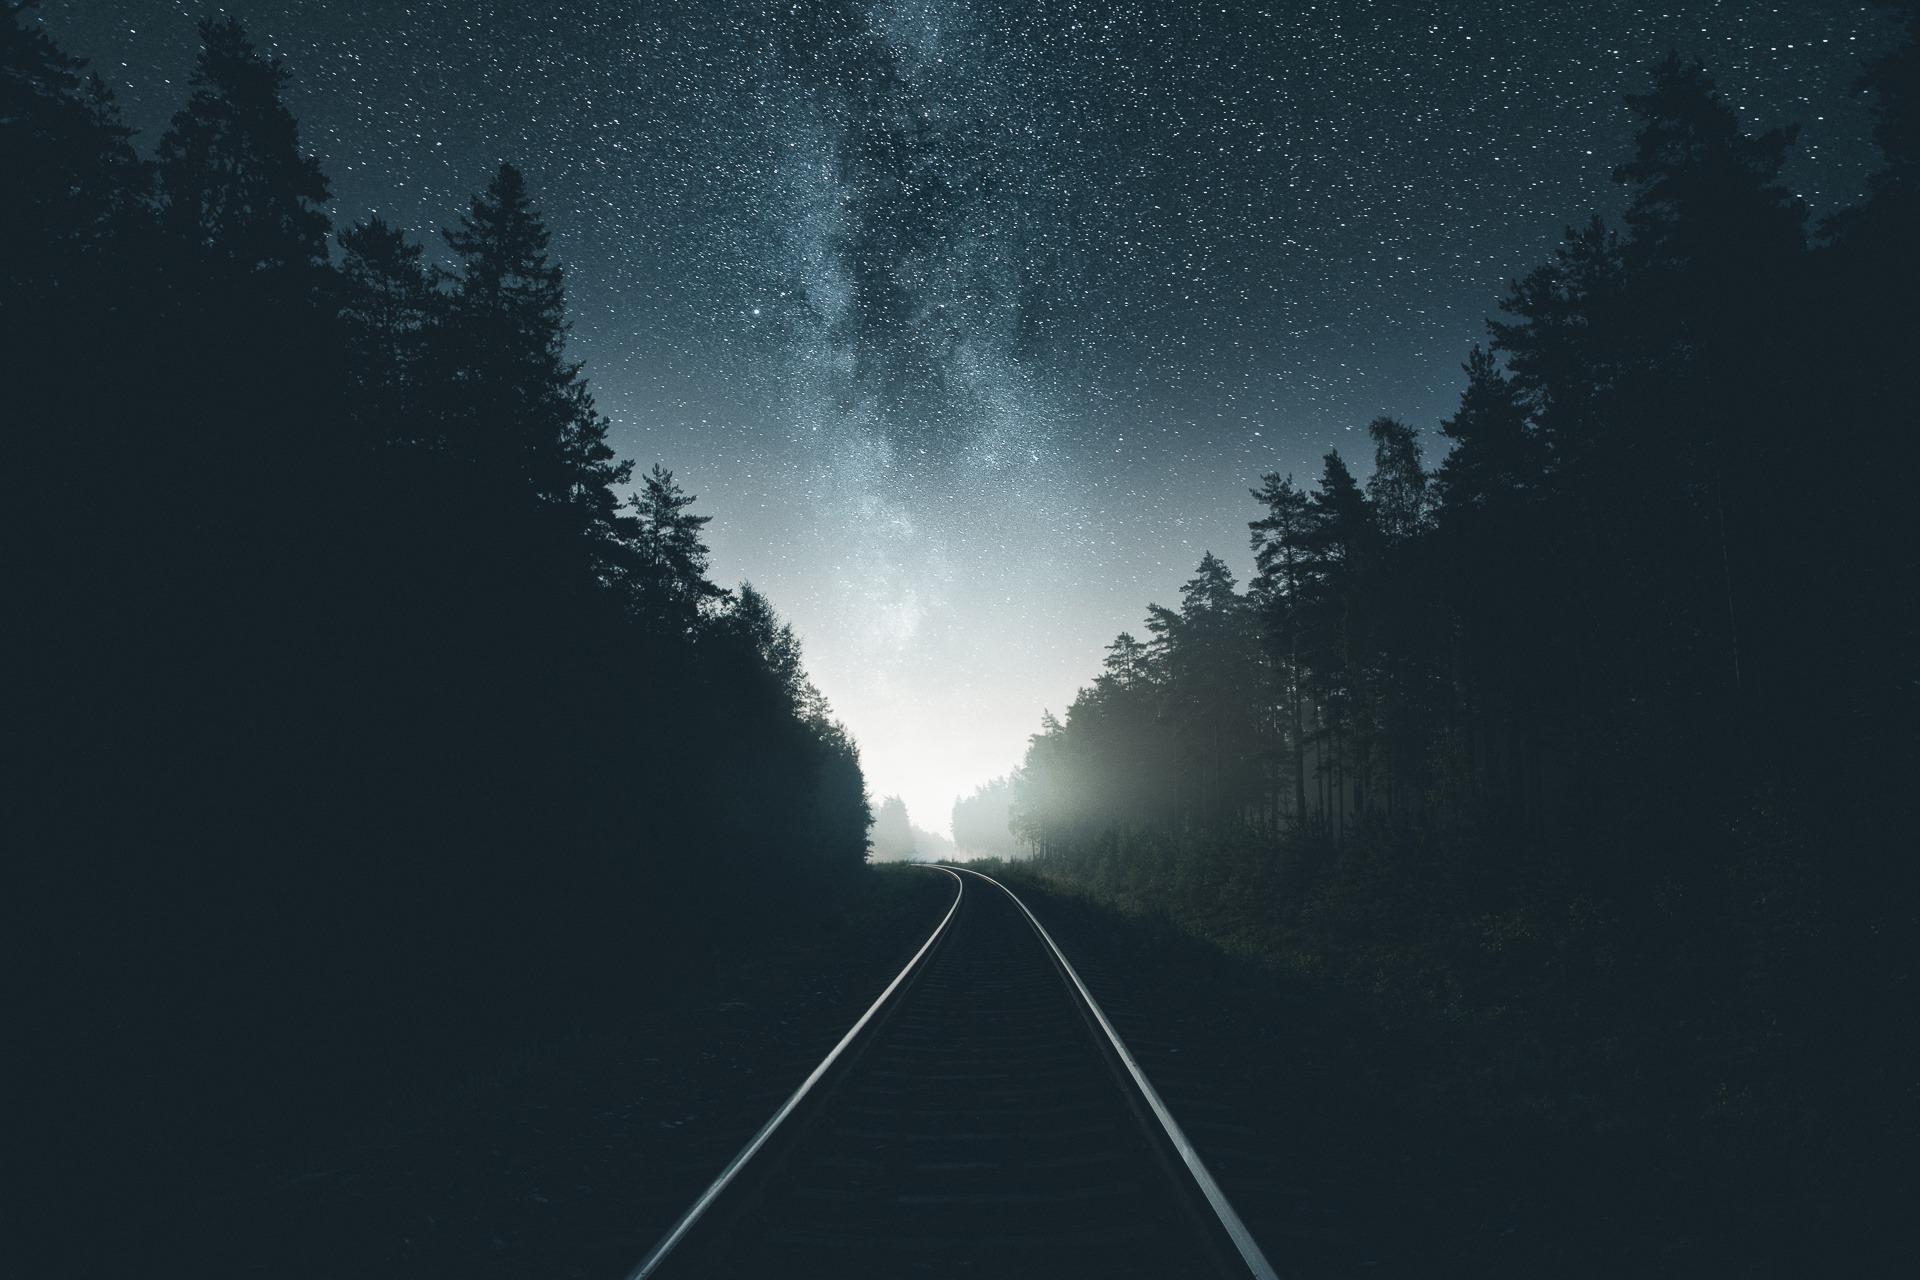 Картинка: Ночь, железная дорога, небо, звёзды, млечный путь, свет, лес